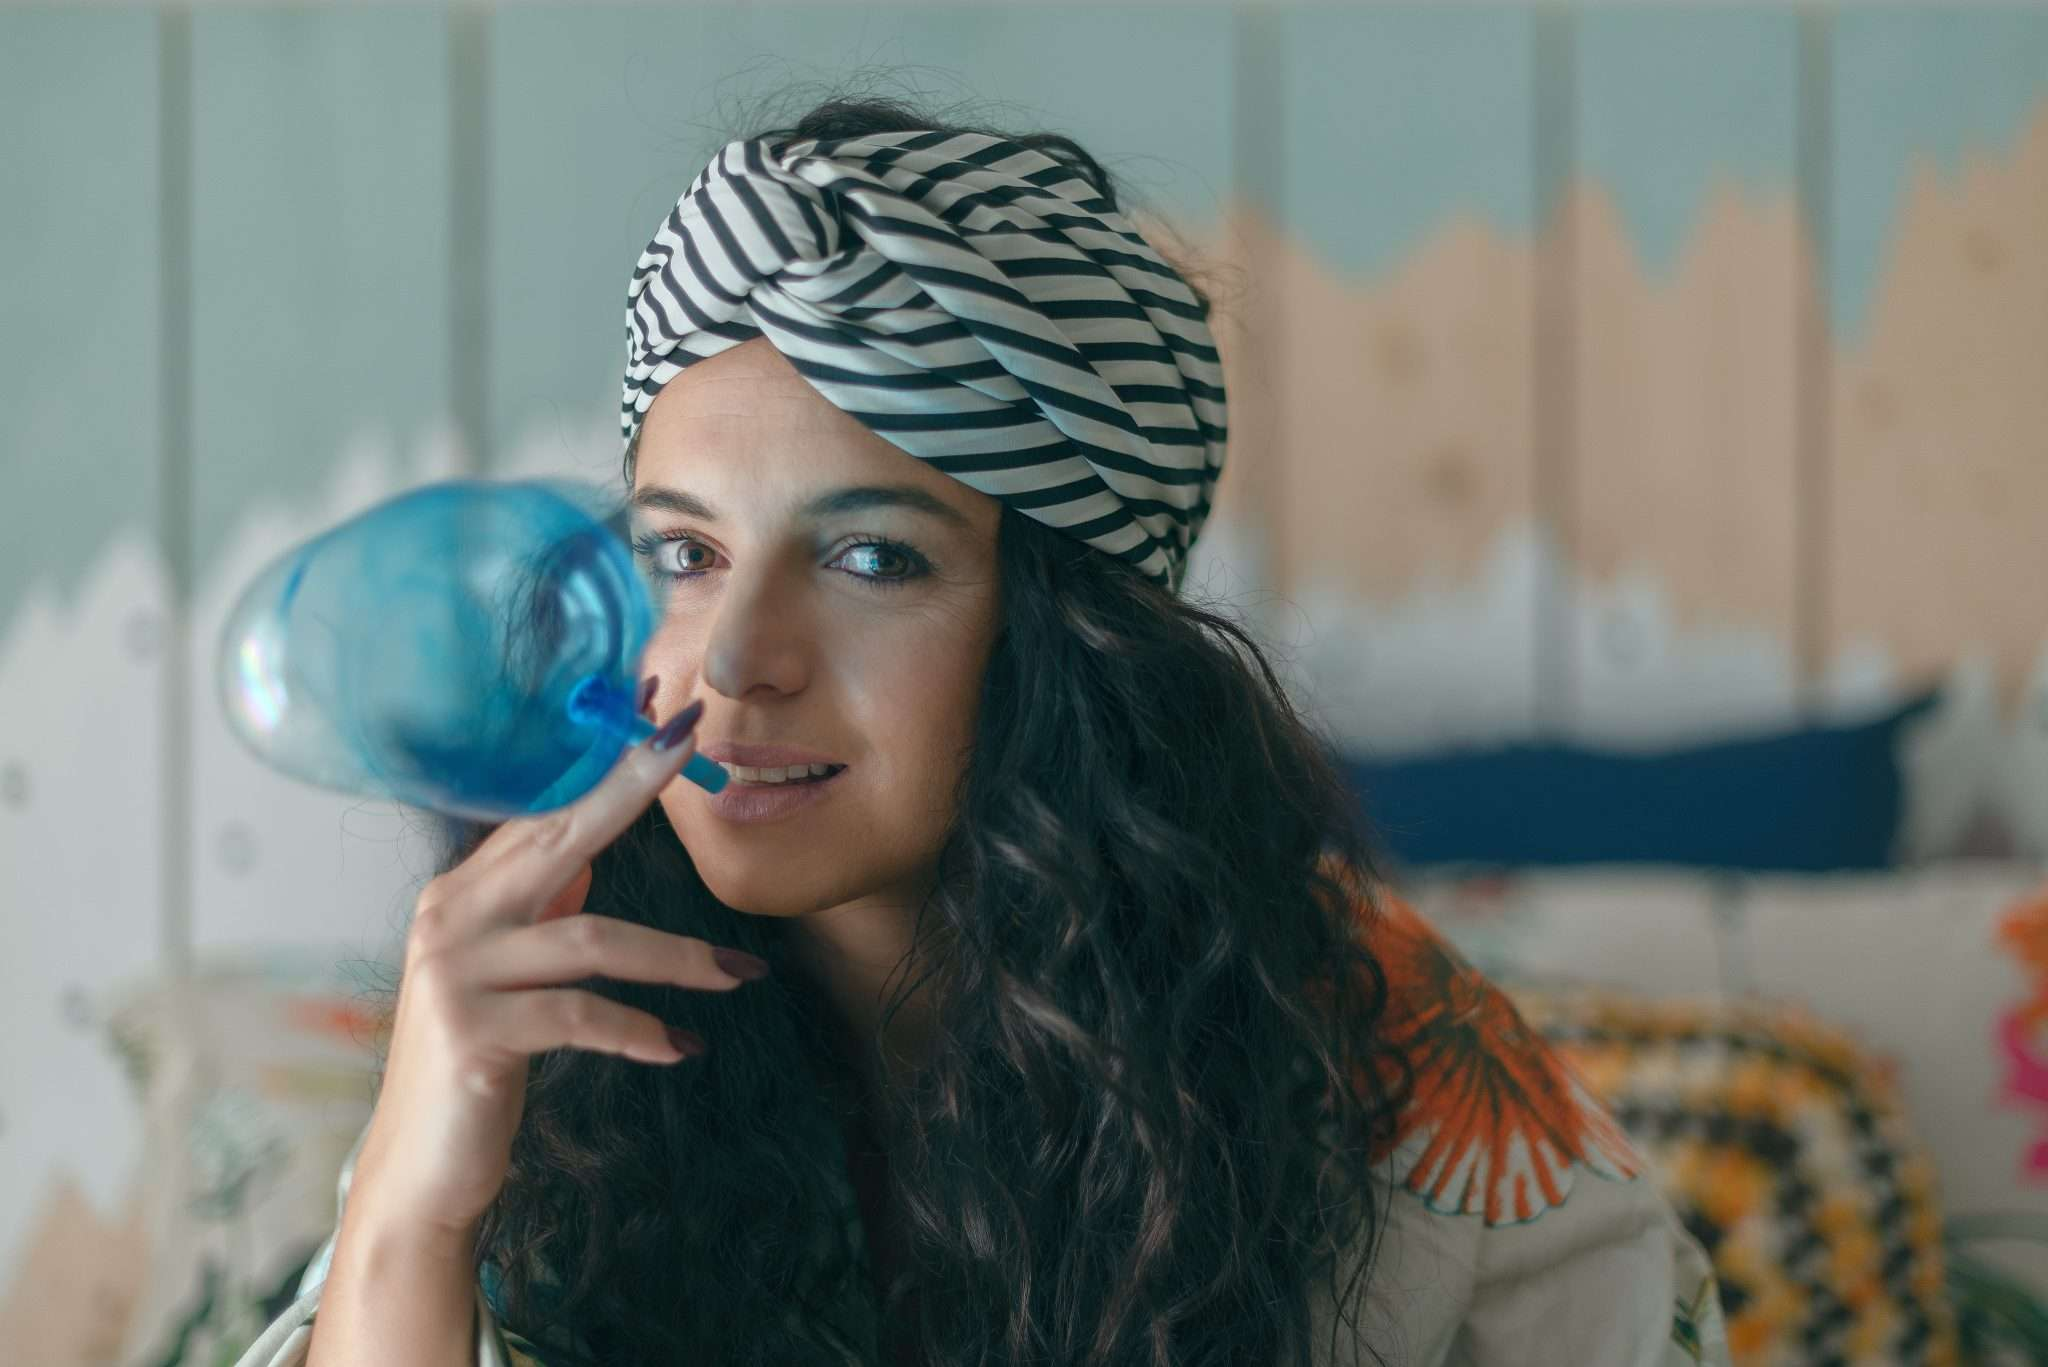 Fotografia Claudia che gioca con crystal ball realizzata da Barbara Trincone fotografa ritrattista professionista di Napoli, esegue servizi di creazione ed ampliamento lookbook per modelle/i e attori